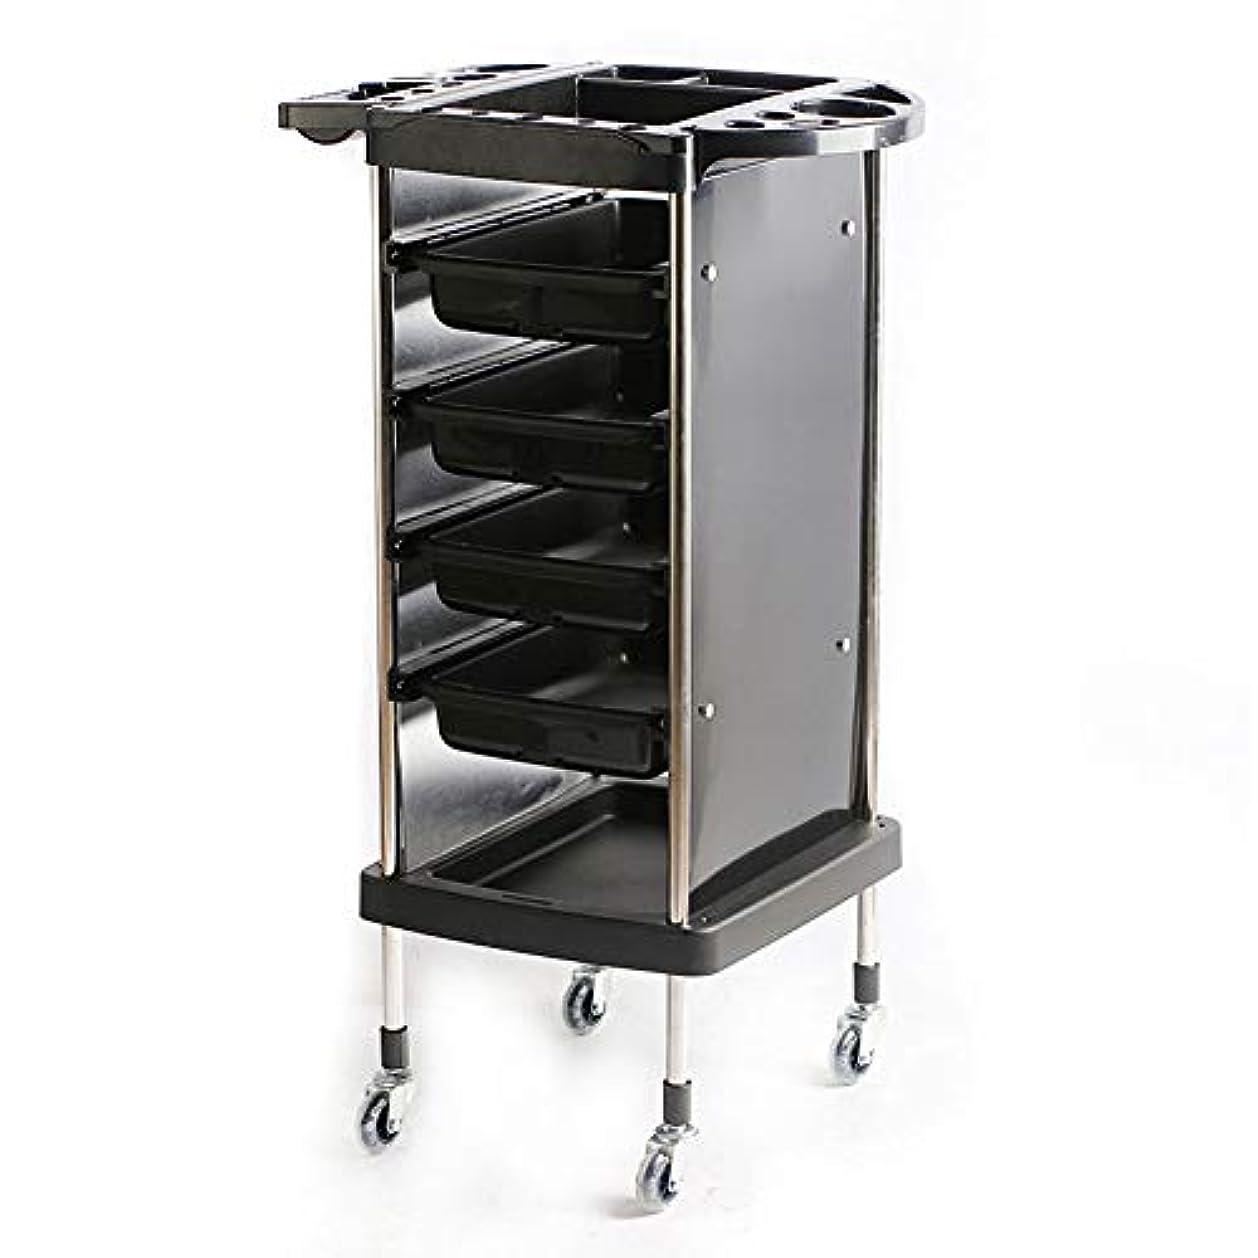 レトロサロン美容院トロリー理容美容収納ヘアローラーカートサロントレイ5引き出し引き出しは上の複数の収納穴です